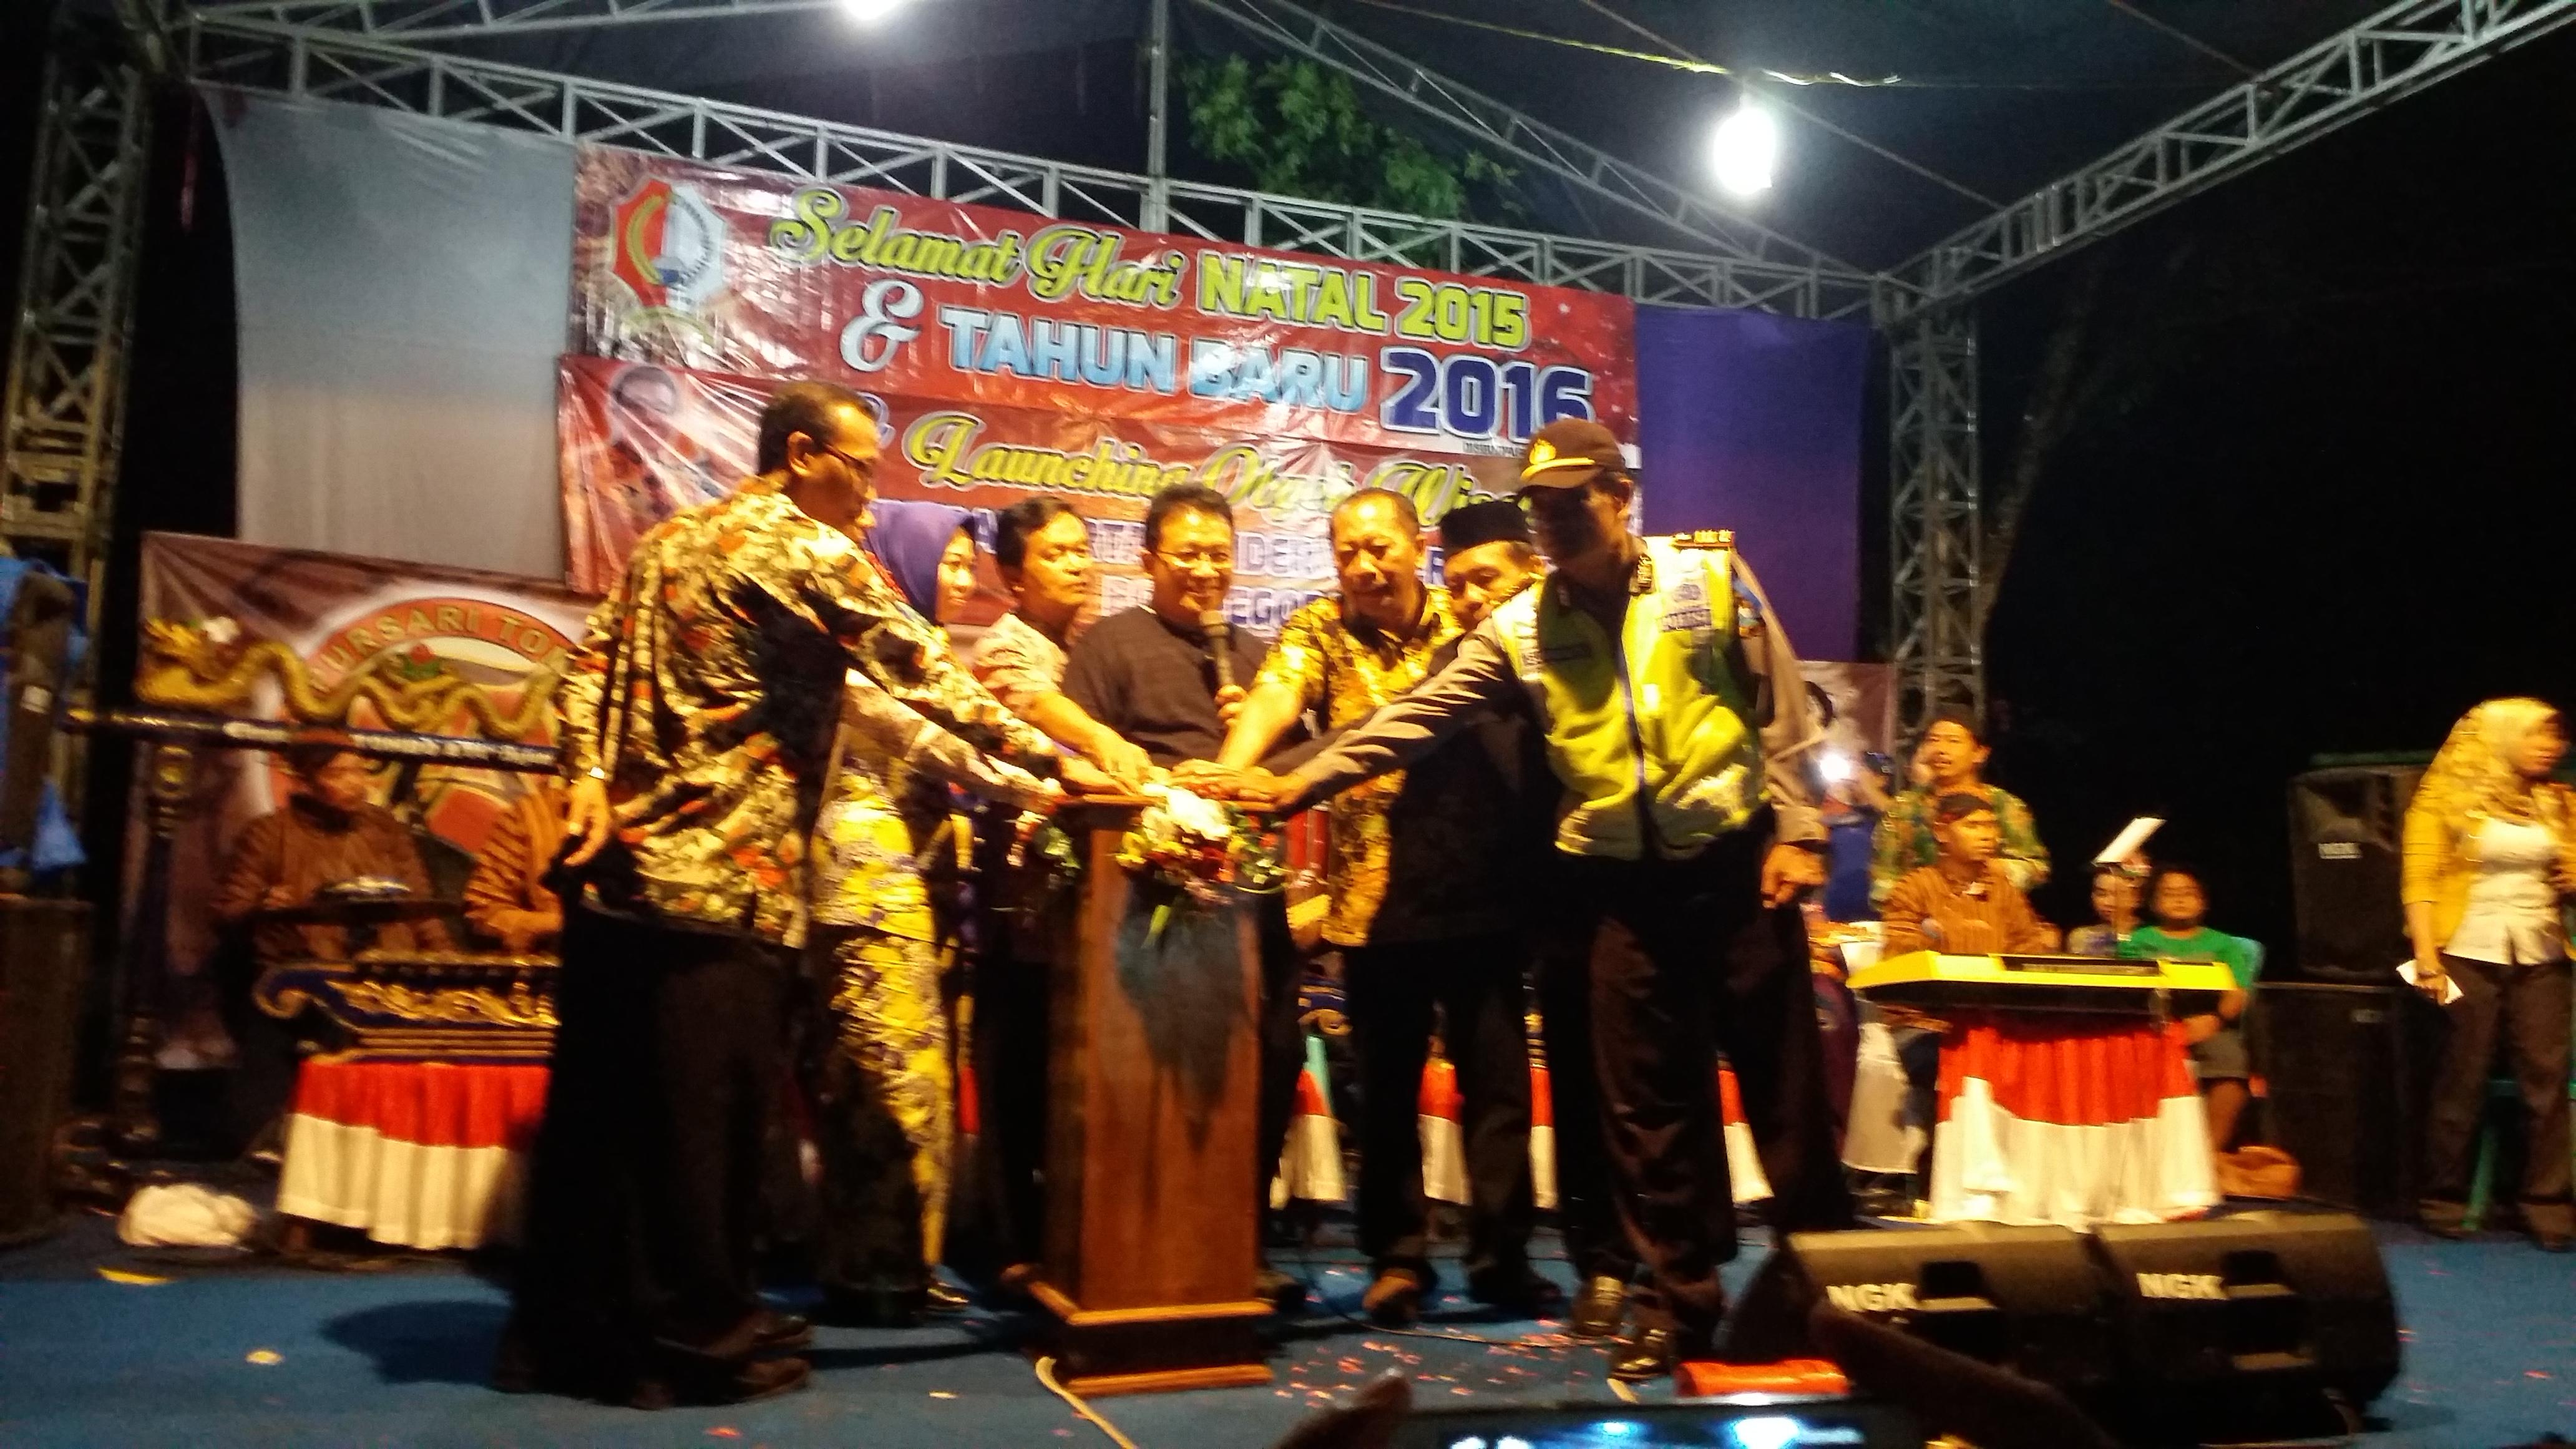 Pemerintah Kabupaten Bojonegoro Bupati Wakil Bakal Merayakan Puncak Pergantian 2015